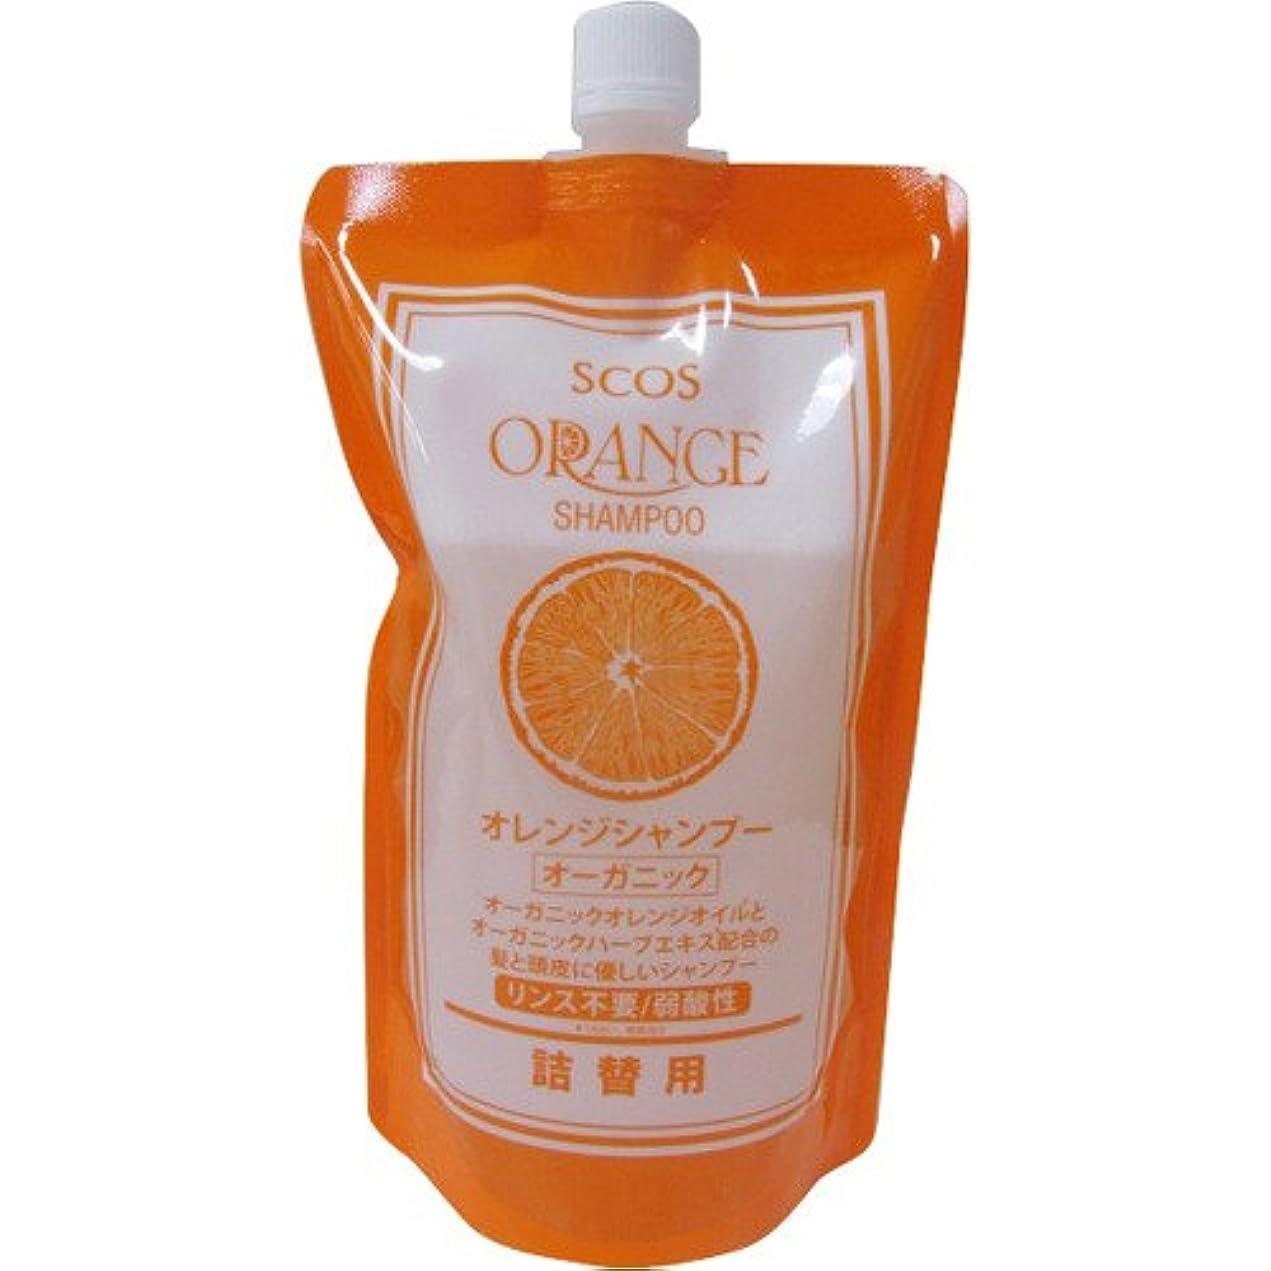 普遍的なドレス差し迫ったエスコス オレンジシャンプーオーガニック 詰替用 700ml